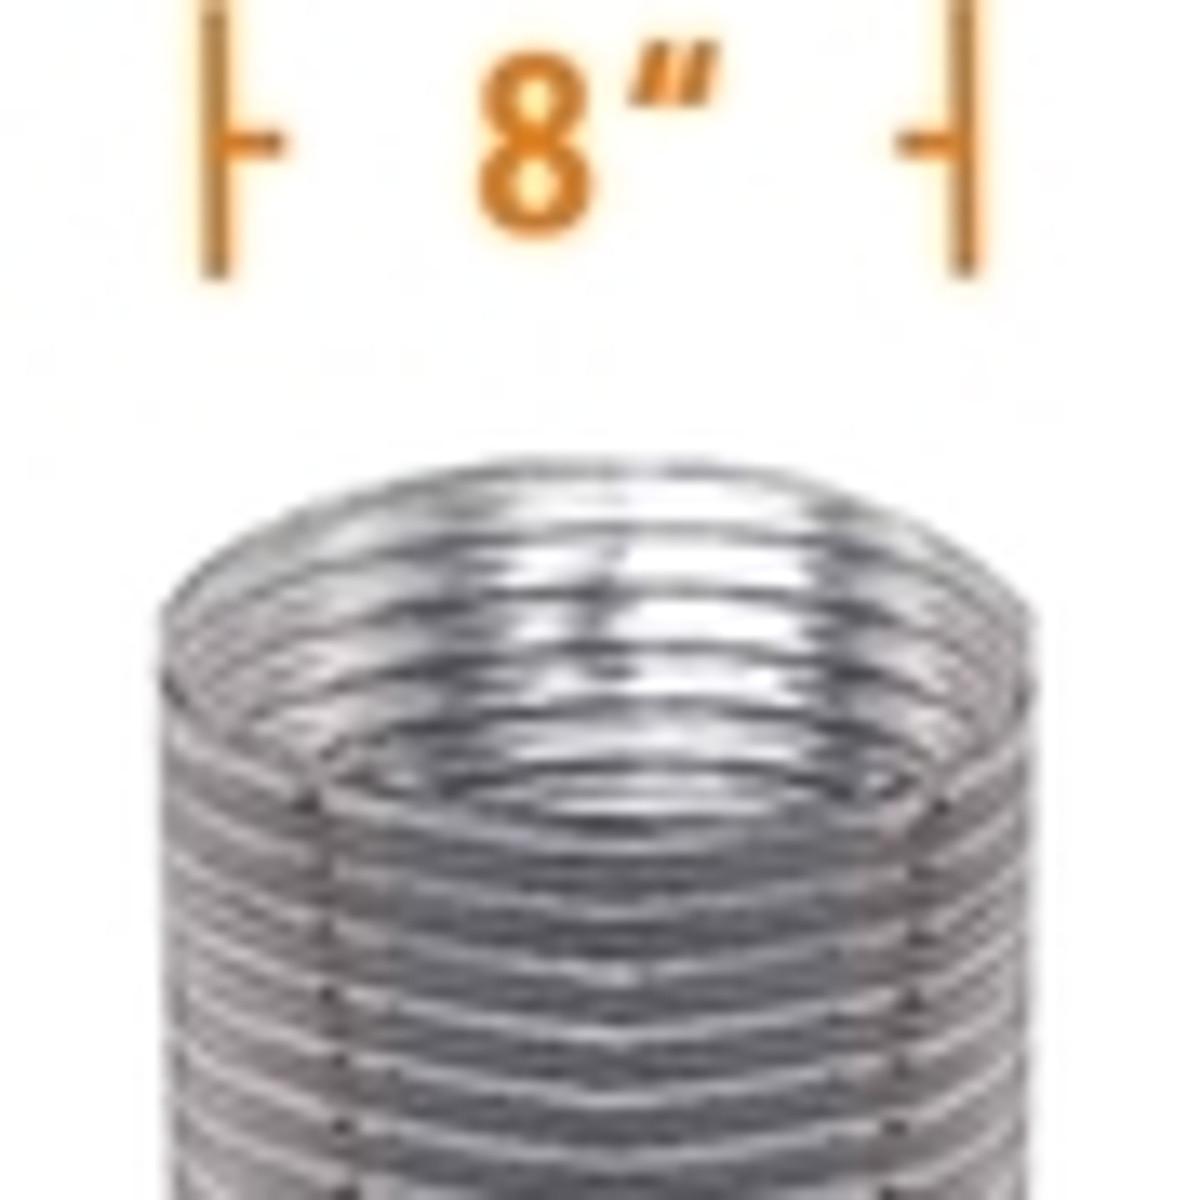 8'' DuraFlex Stainless Steel Chimney Liner